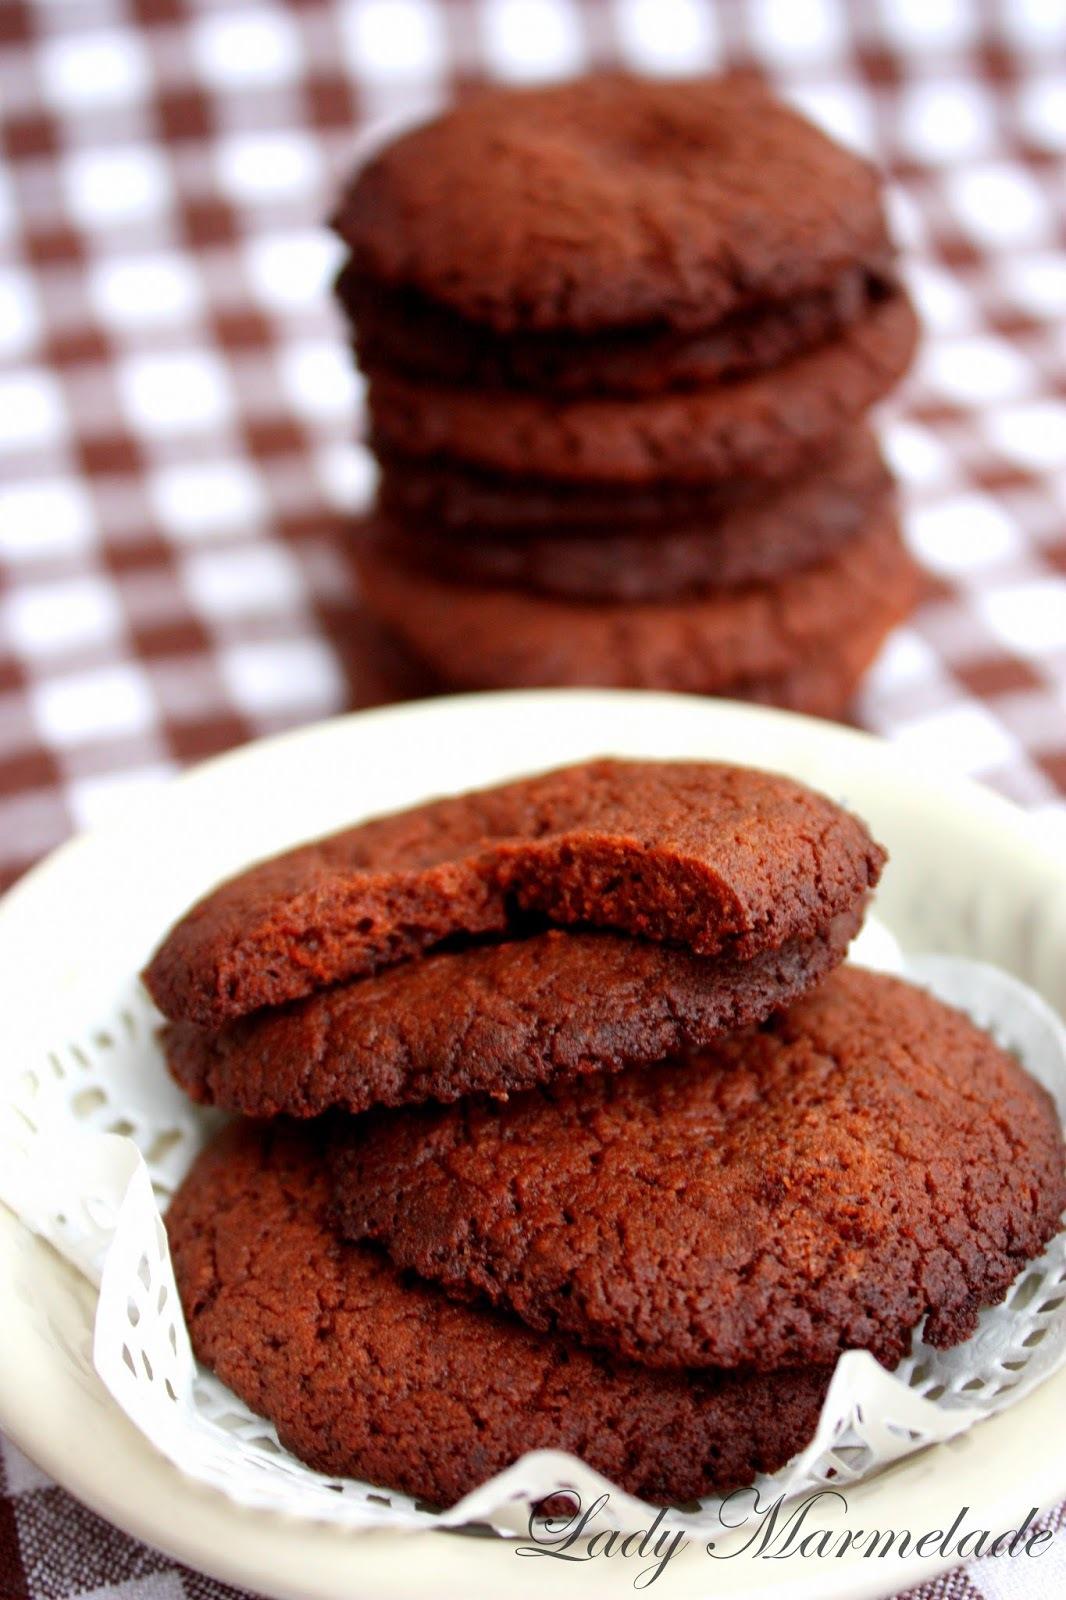 Nutella rozbihlavuCOOKIES.com!